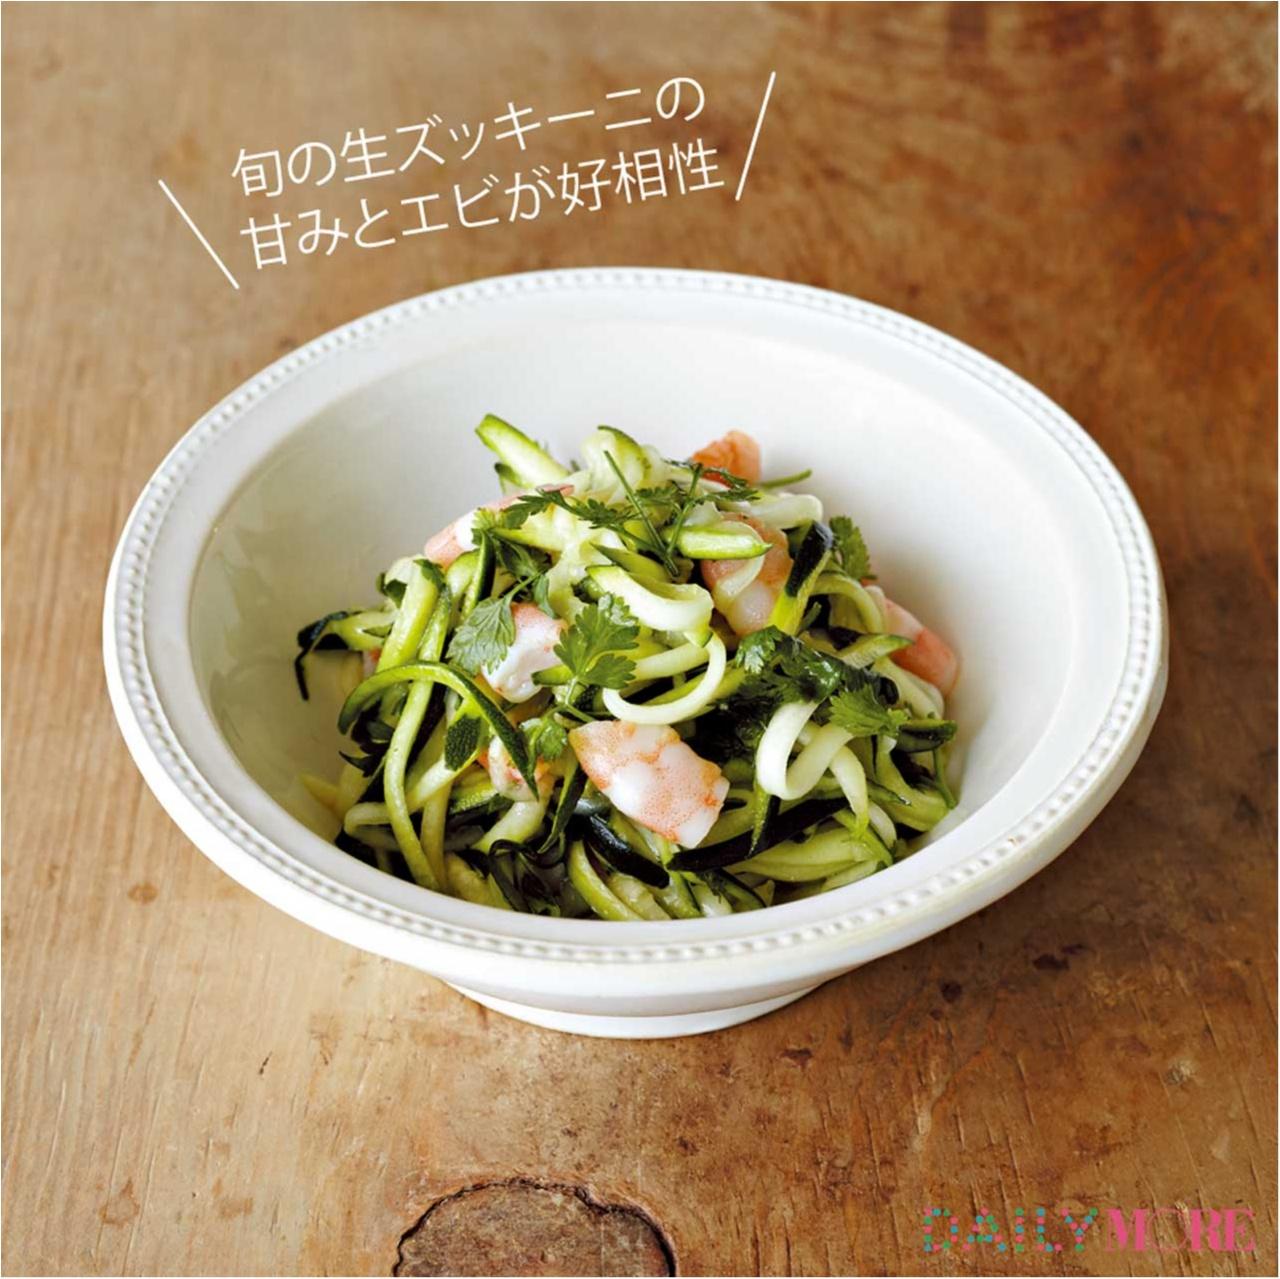 簡単! お弁当の作り置きおかずレシピ特集 - お弁当箱につめるだけの常備菜レシピまとめ_40